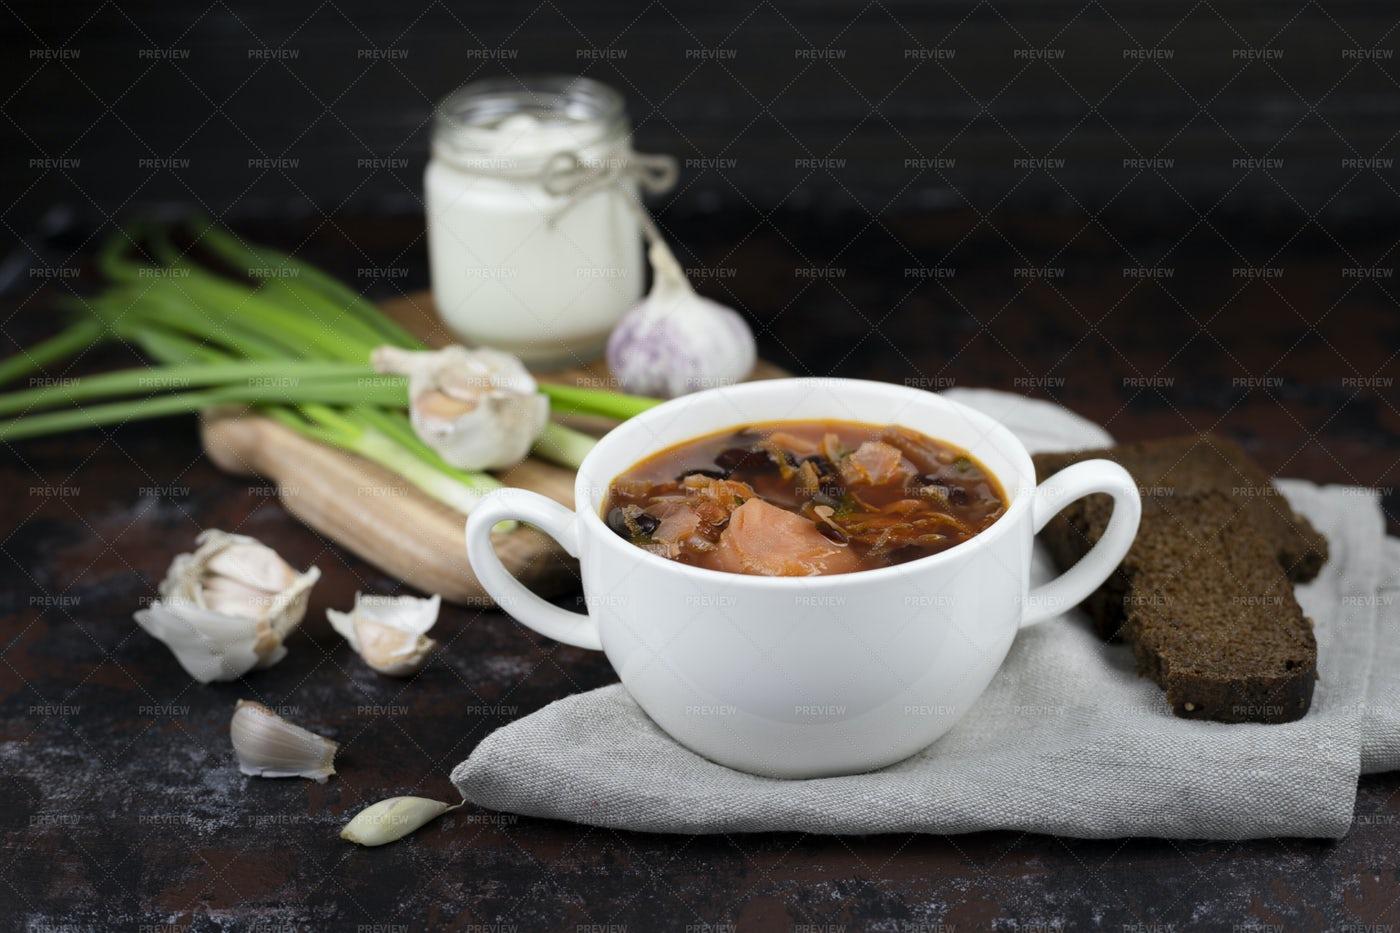 Soup Mug Of Borscht: Stock Photos